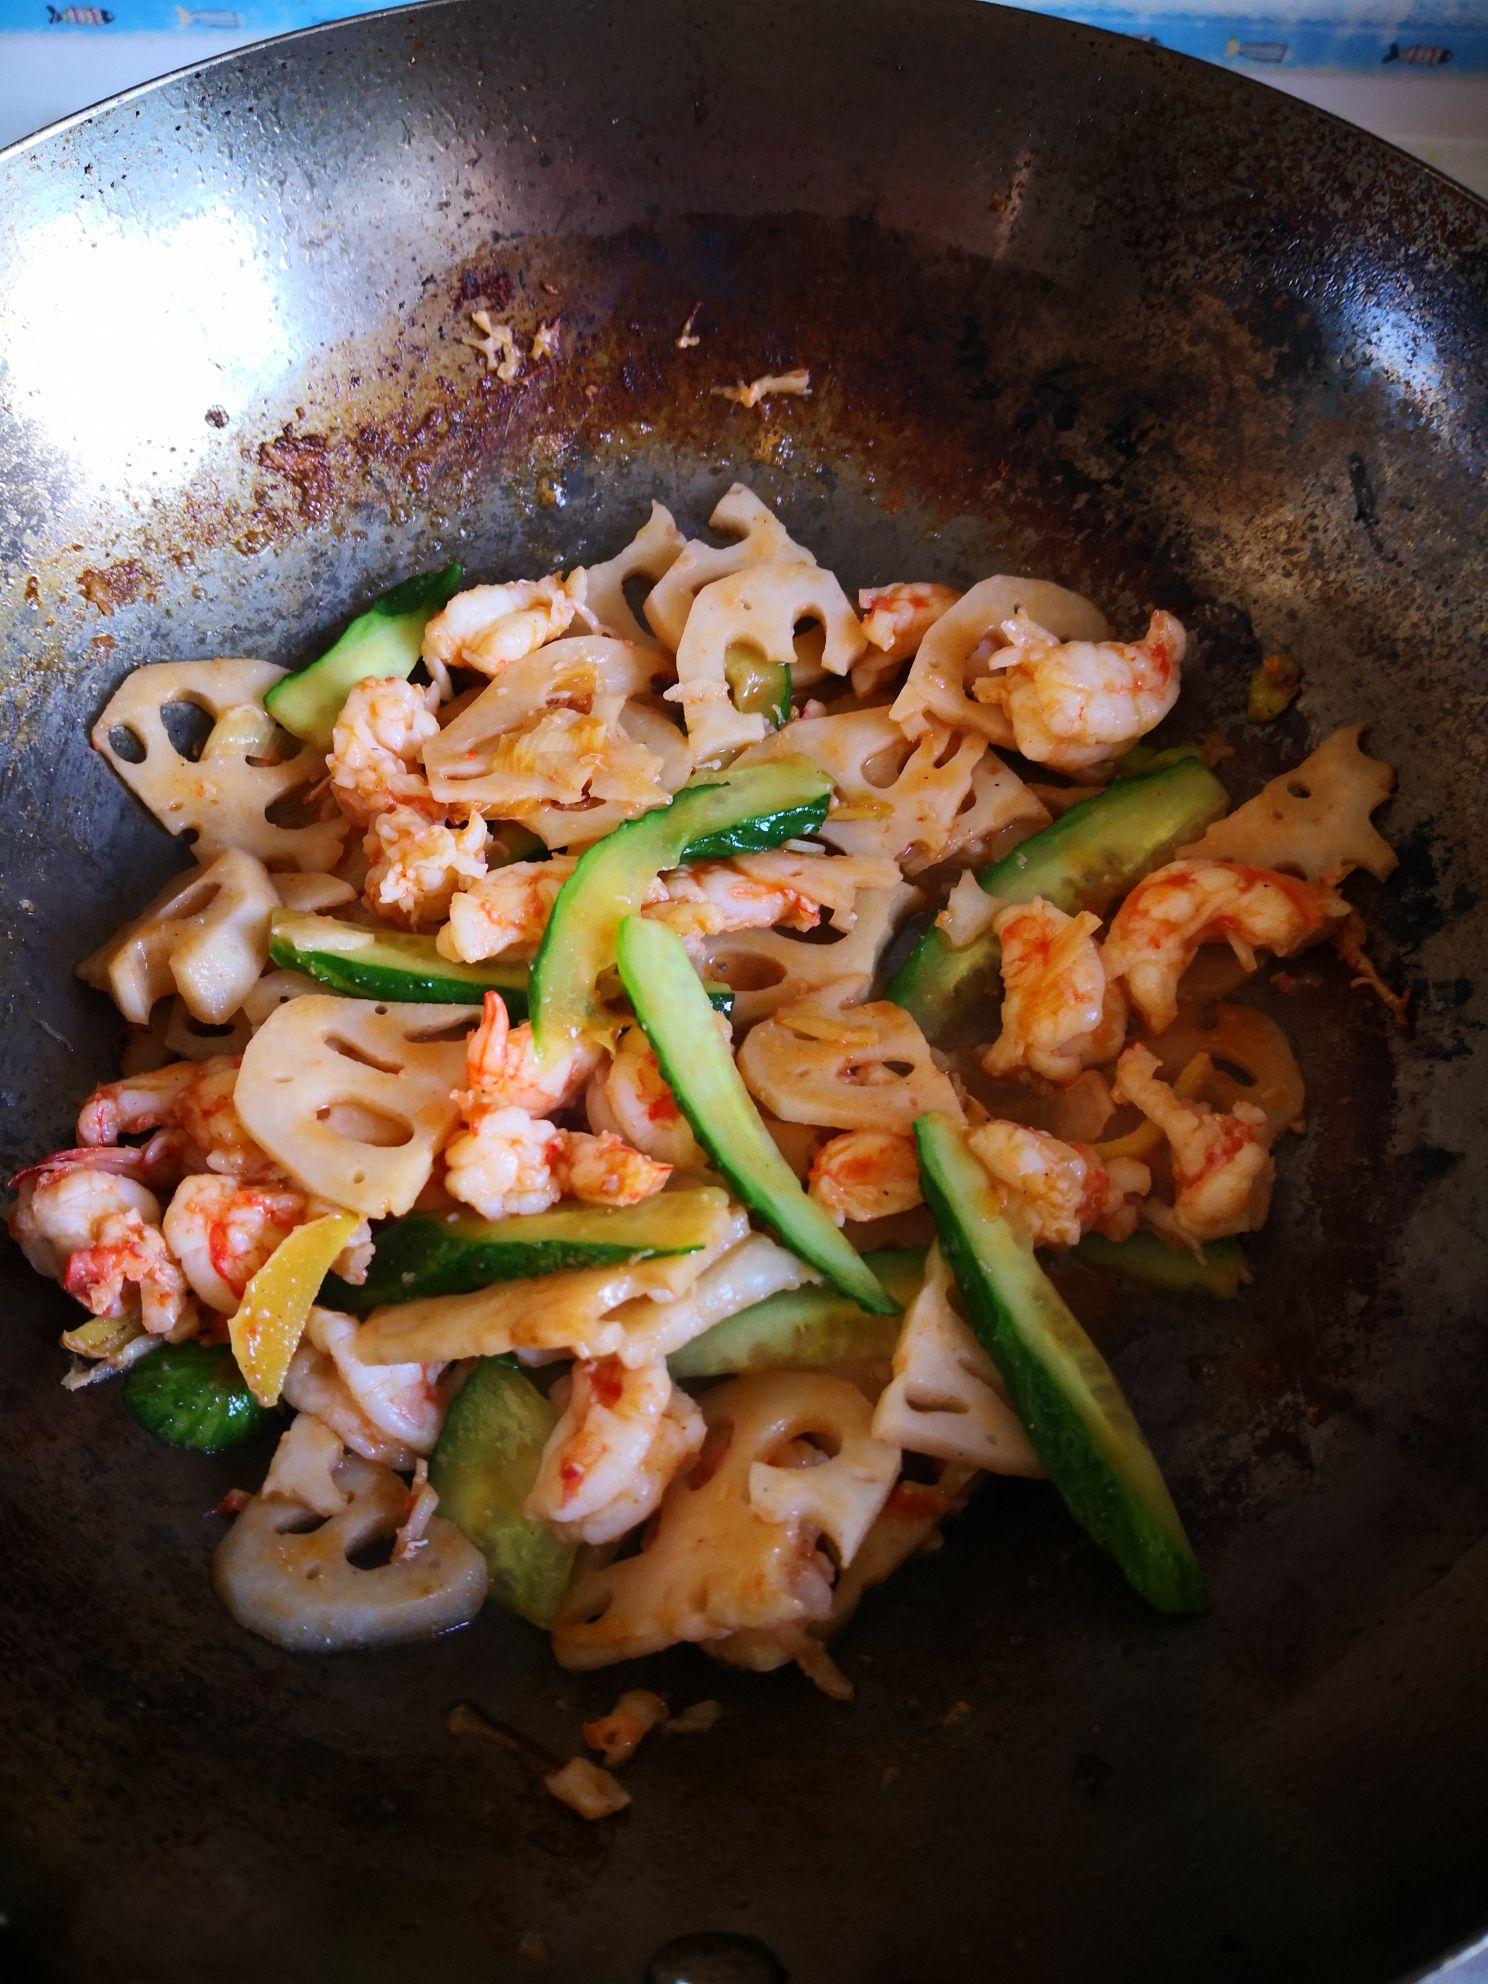 藕片炒鲜虾怎么煮